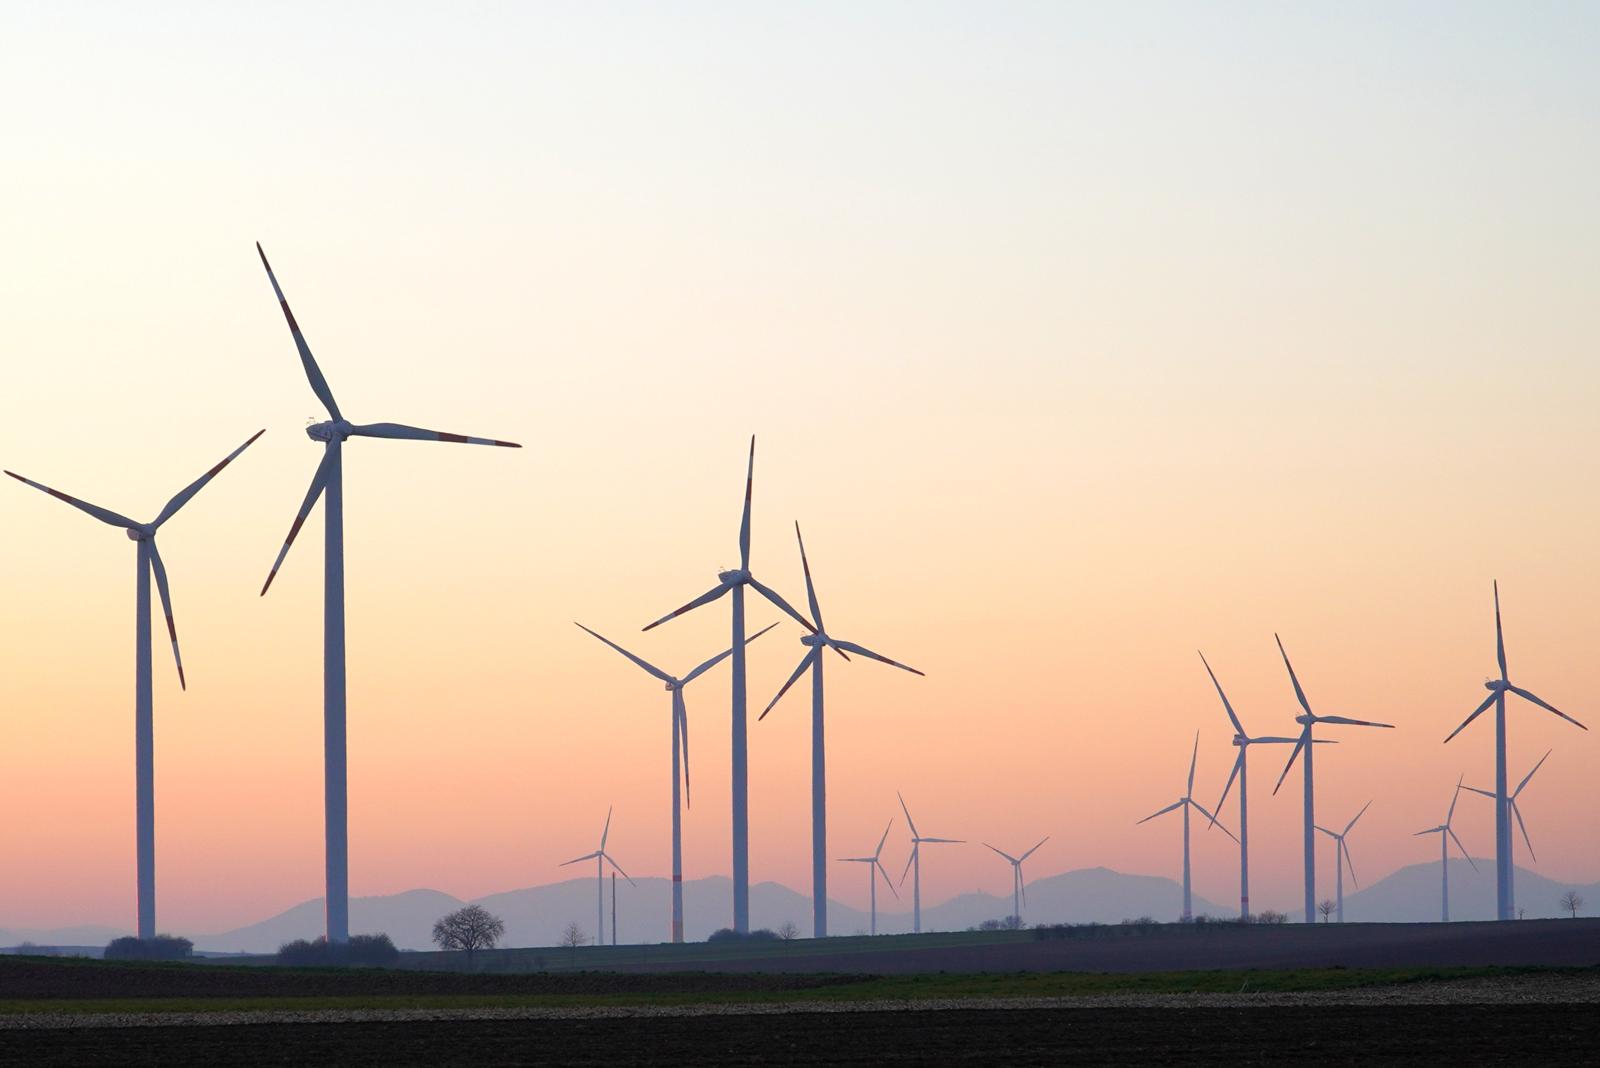 Windenergieanlagen im Sonnenuntergang - Pixabay